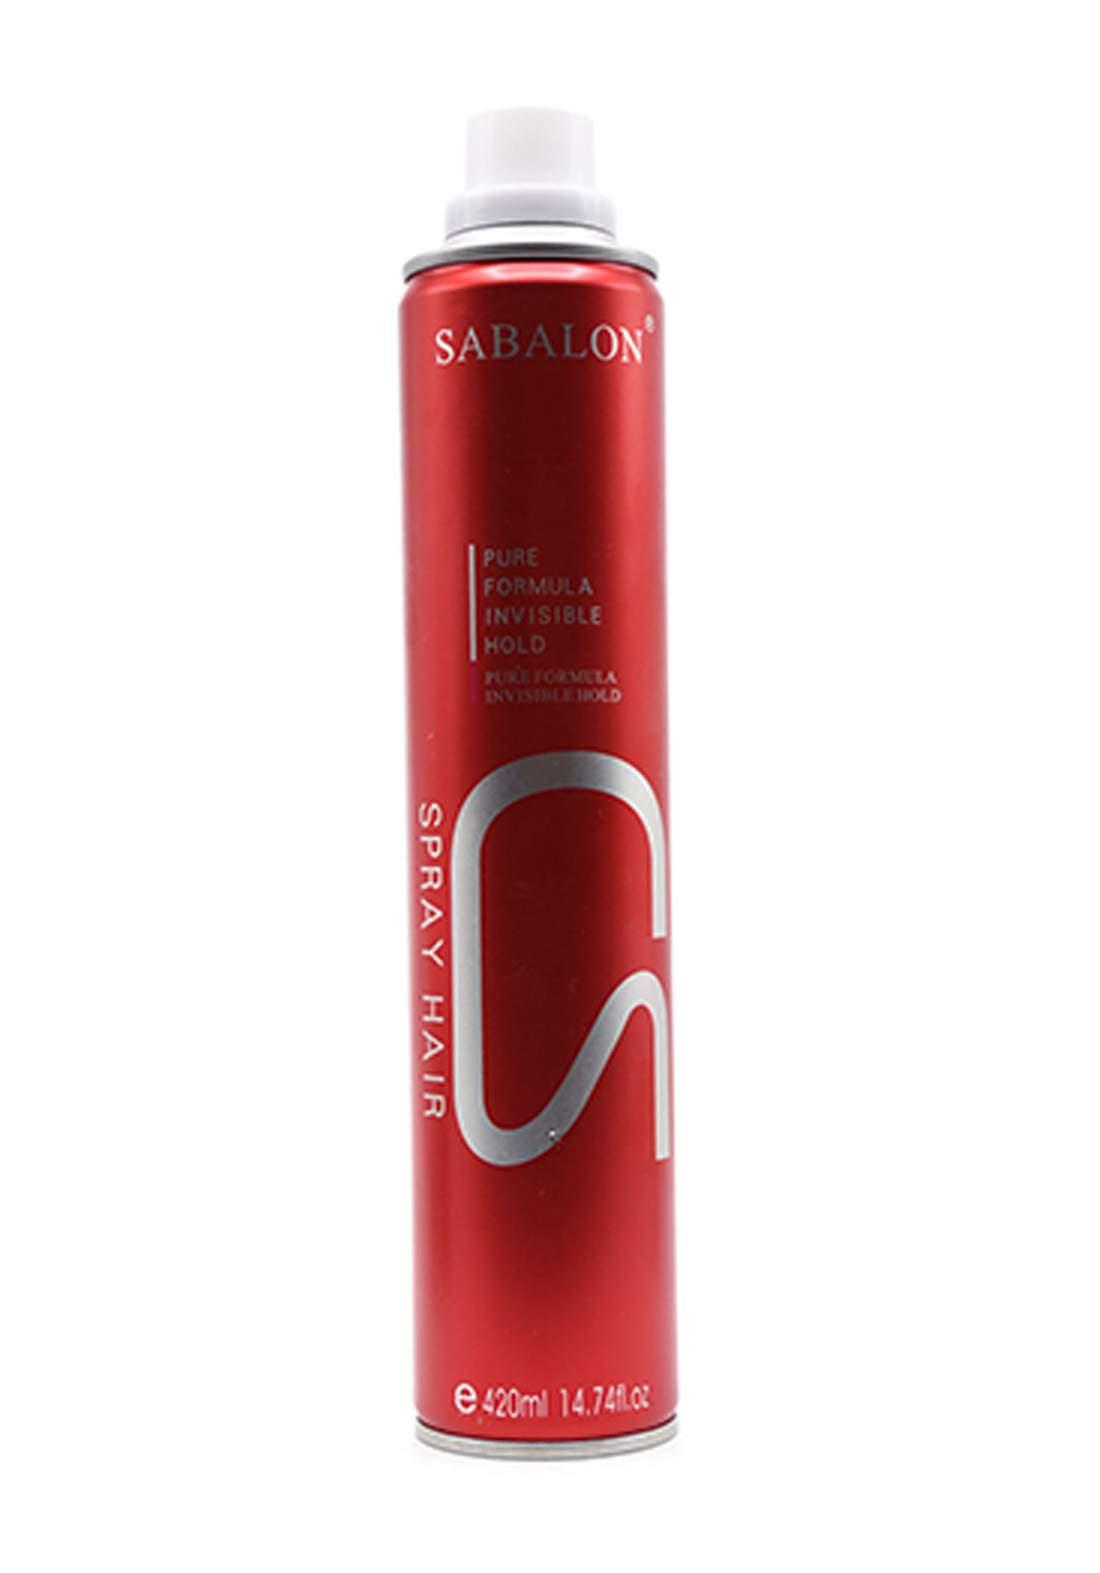 Sabalon Hair Spray 420 ml بخاخ مثبت للشعر